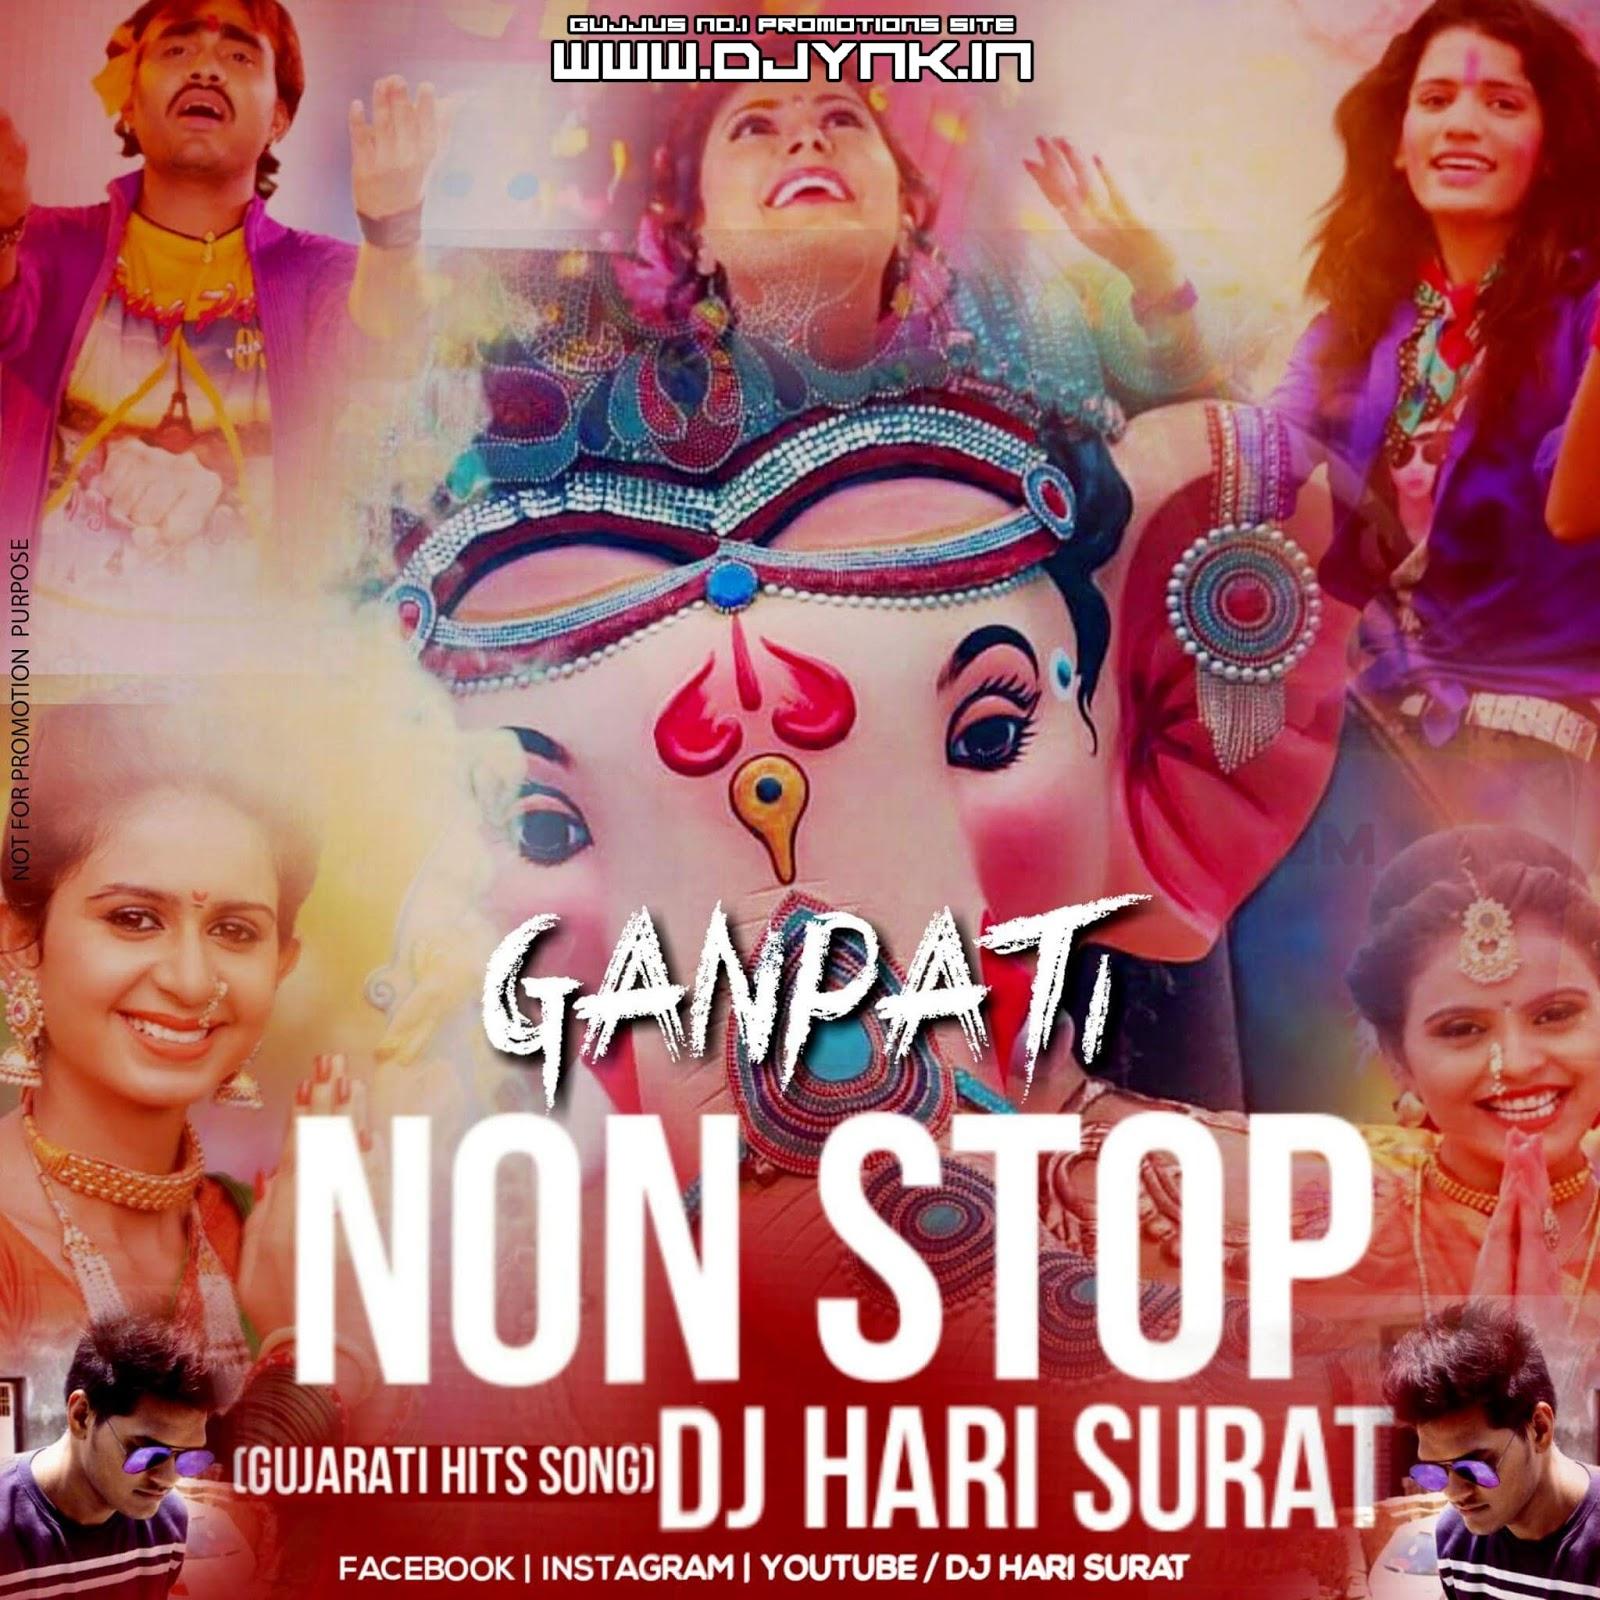 Dj Manoj Song Gujarati Aafwa All Song 2018: Ganpati Non-stop (Gujarati Hits Song)